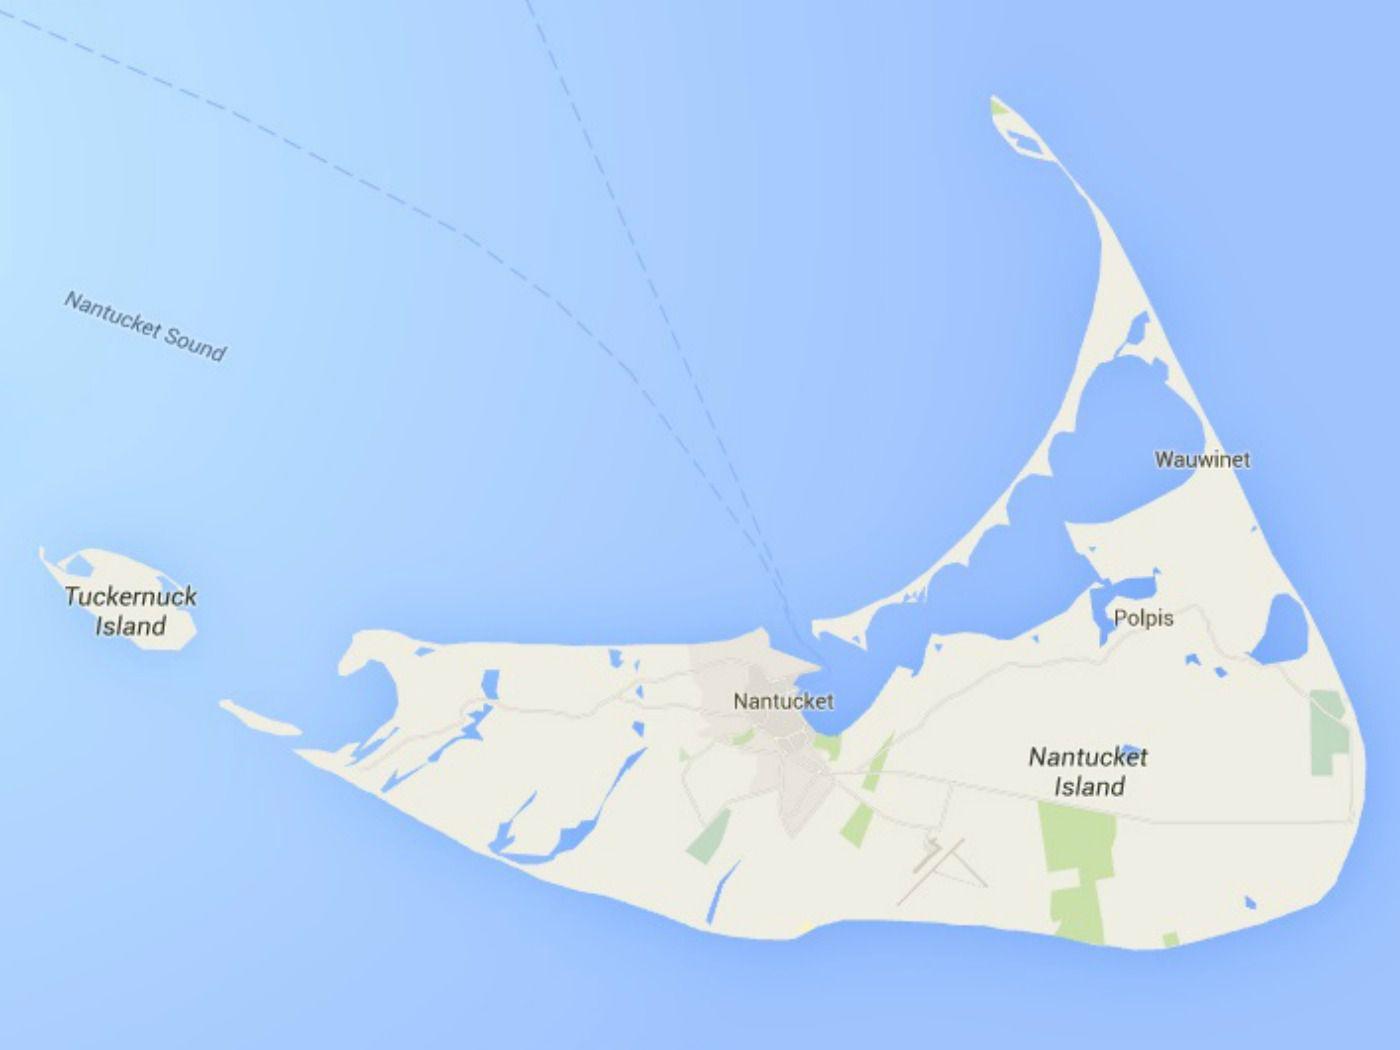 Mapa de Nantucket Island